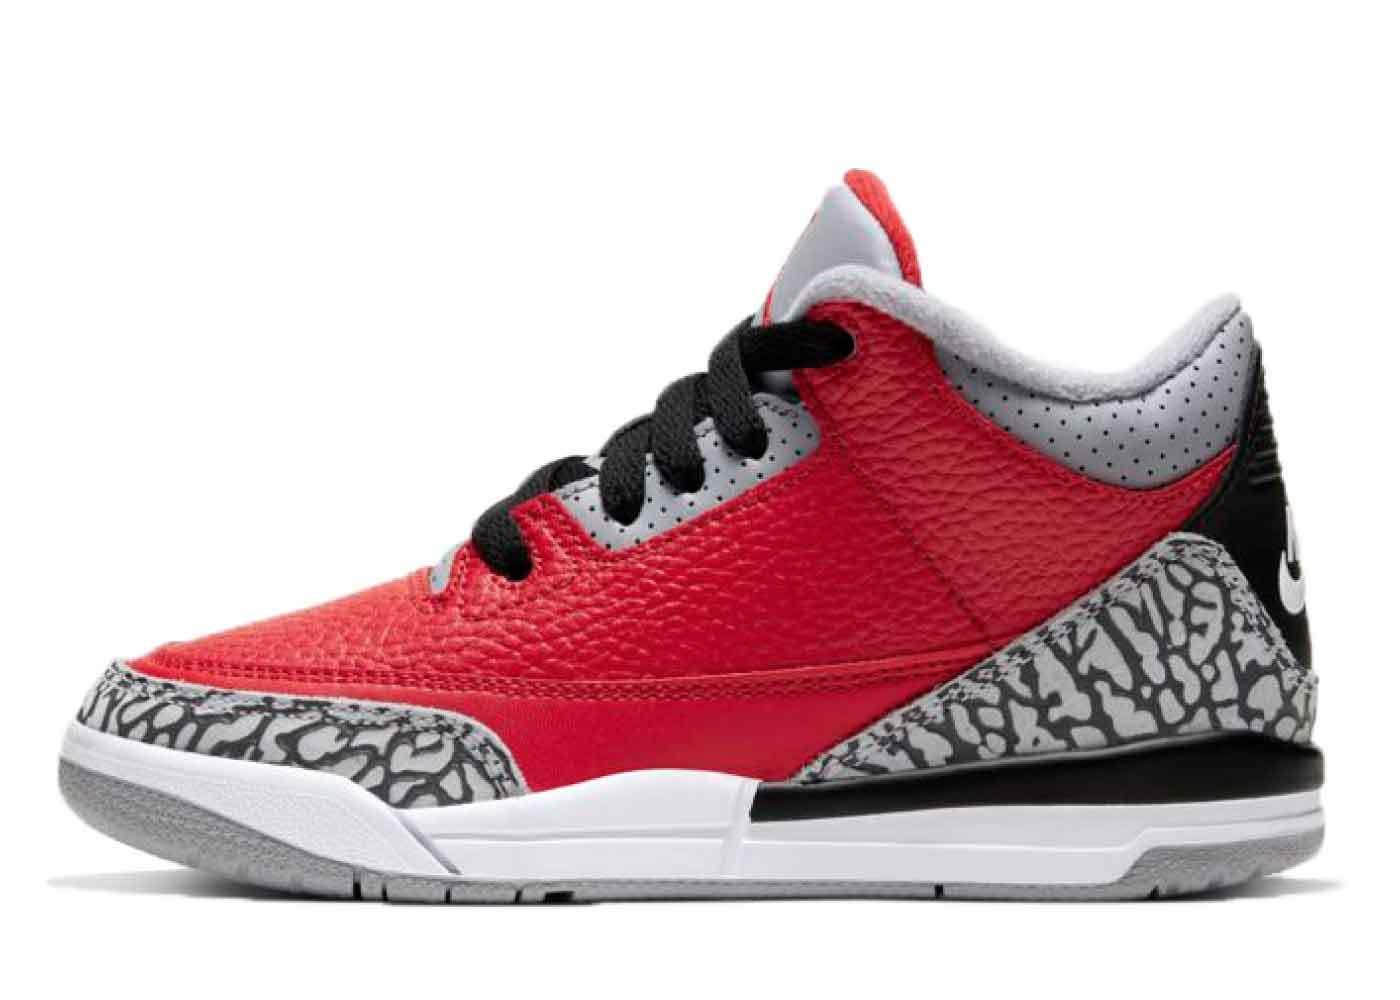 Nike Air Jordan 3 Retro Red Cement Little Kidsの写真